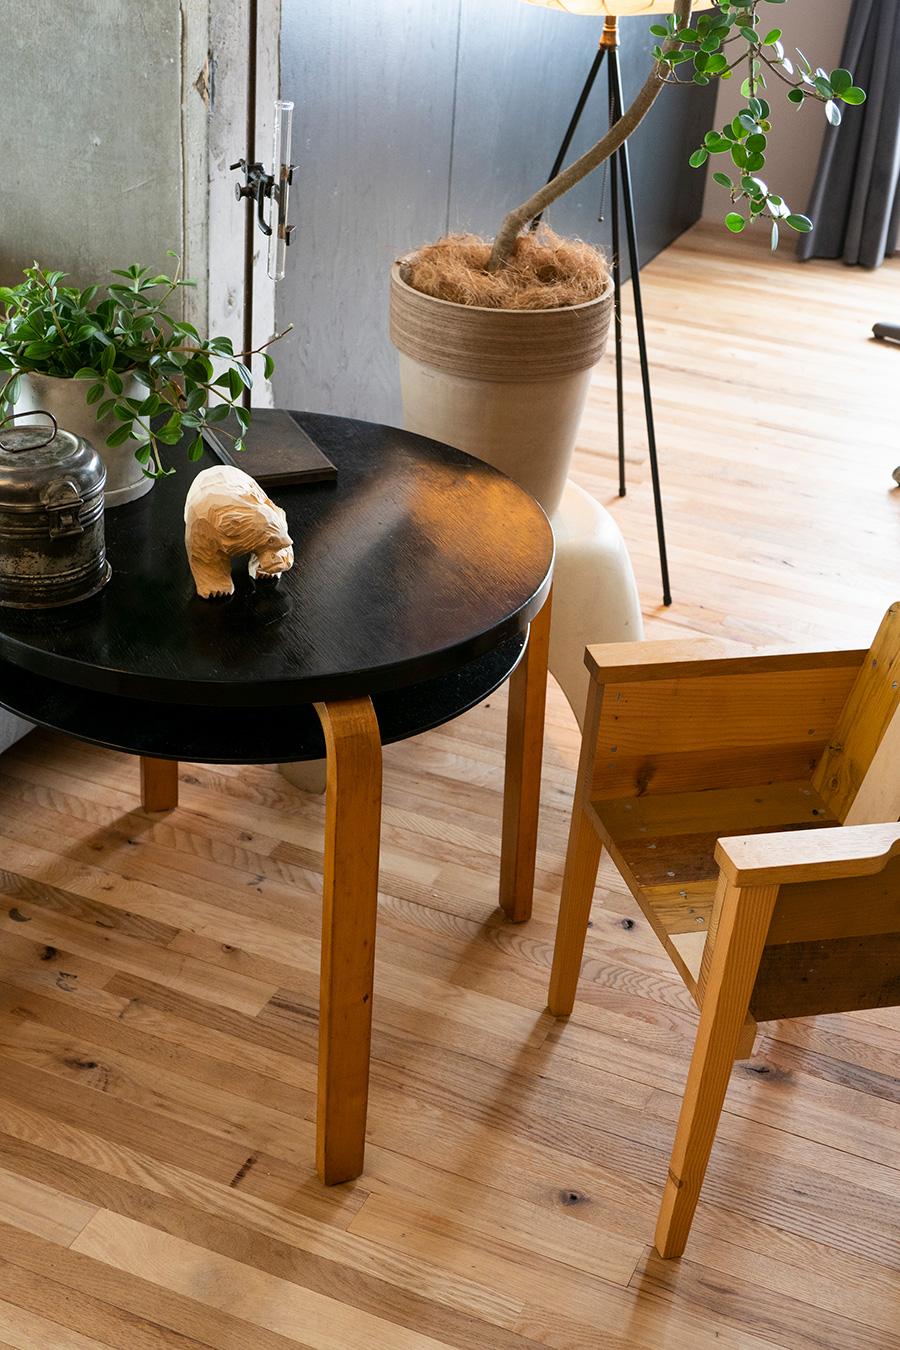 左の丸テーブルはAlvar Aaltoの model 70 table。Finmar社製。右手はスクラップ材で家具を作るピート・ヘイン・イークのイスで、長男のファーストチェア。